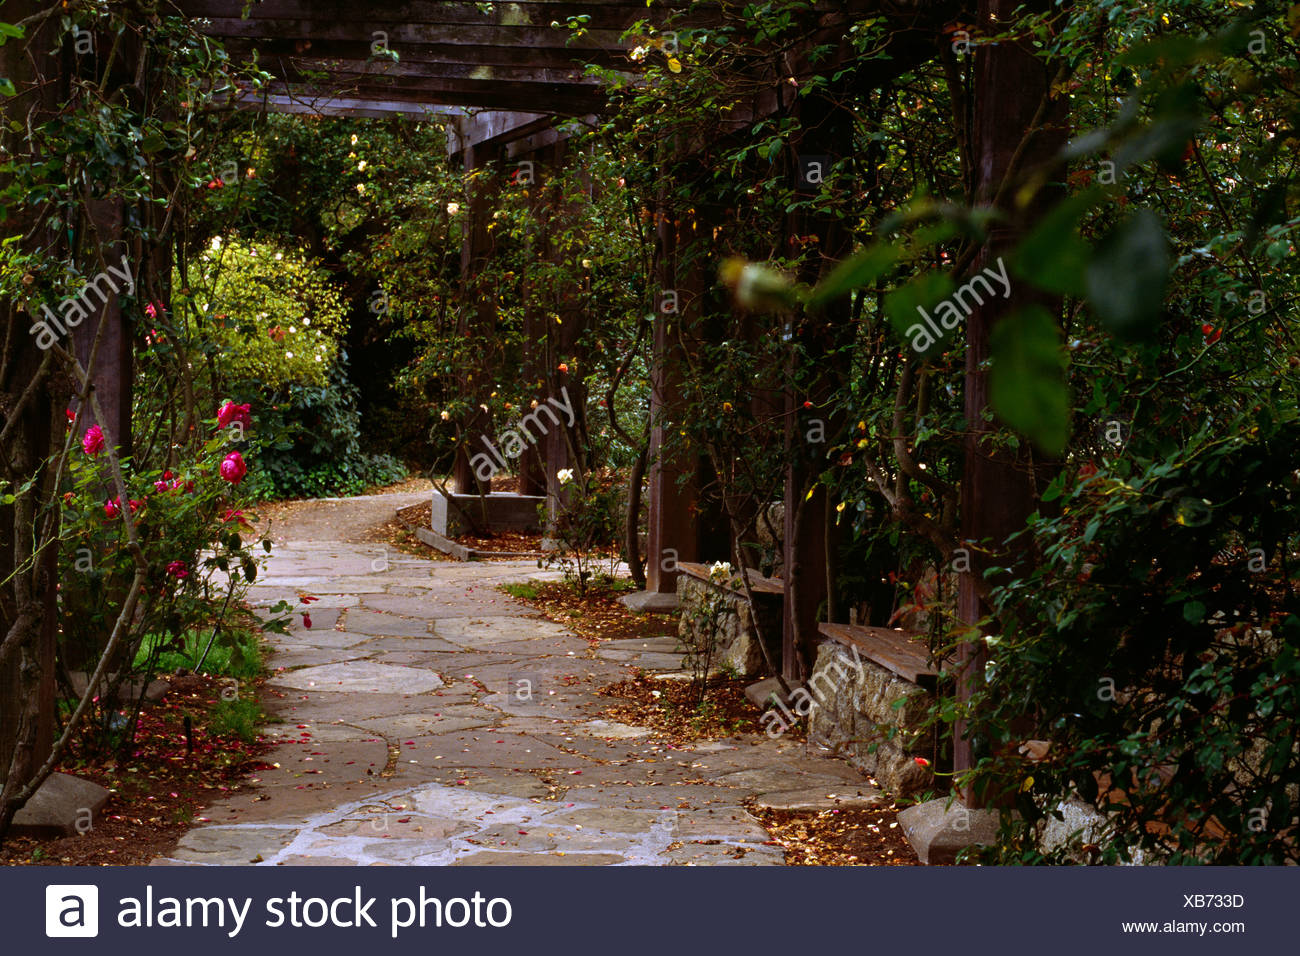 California Berkeley Garden Stock Photos & California Berkeley Garden ...